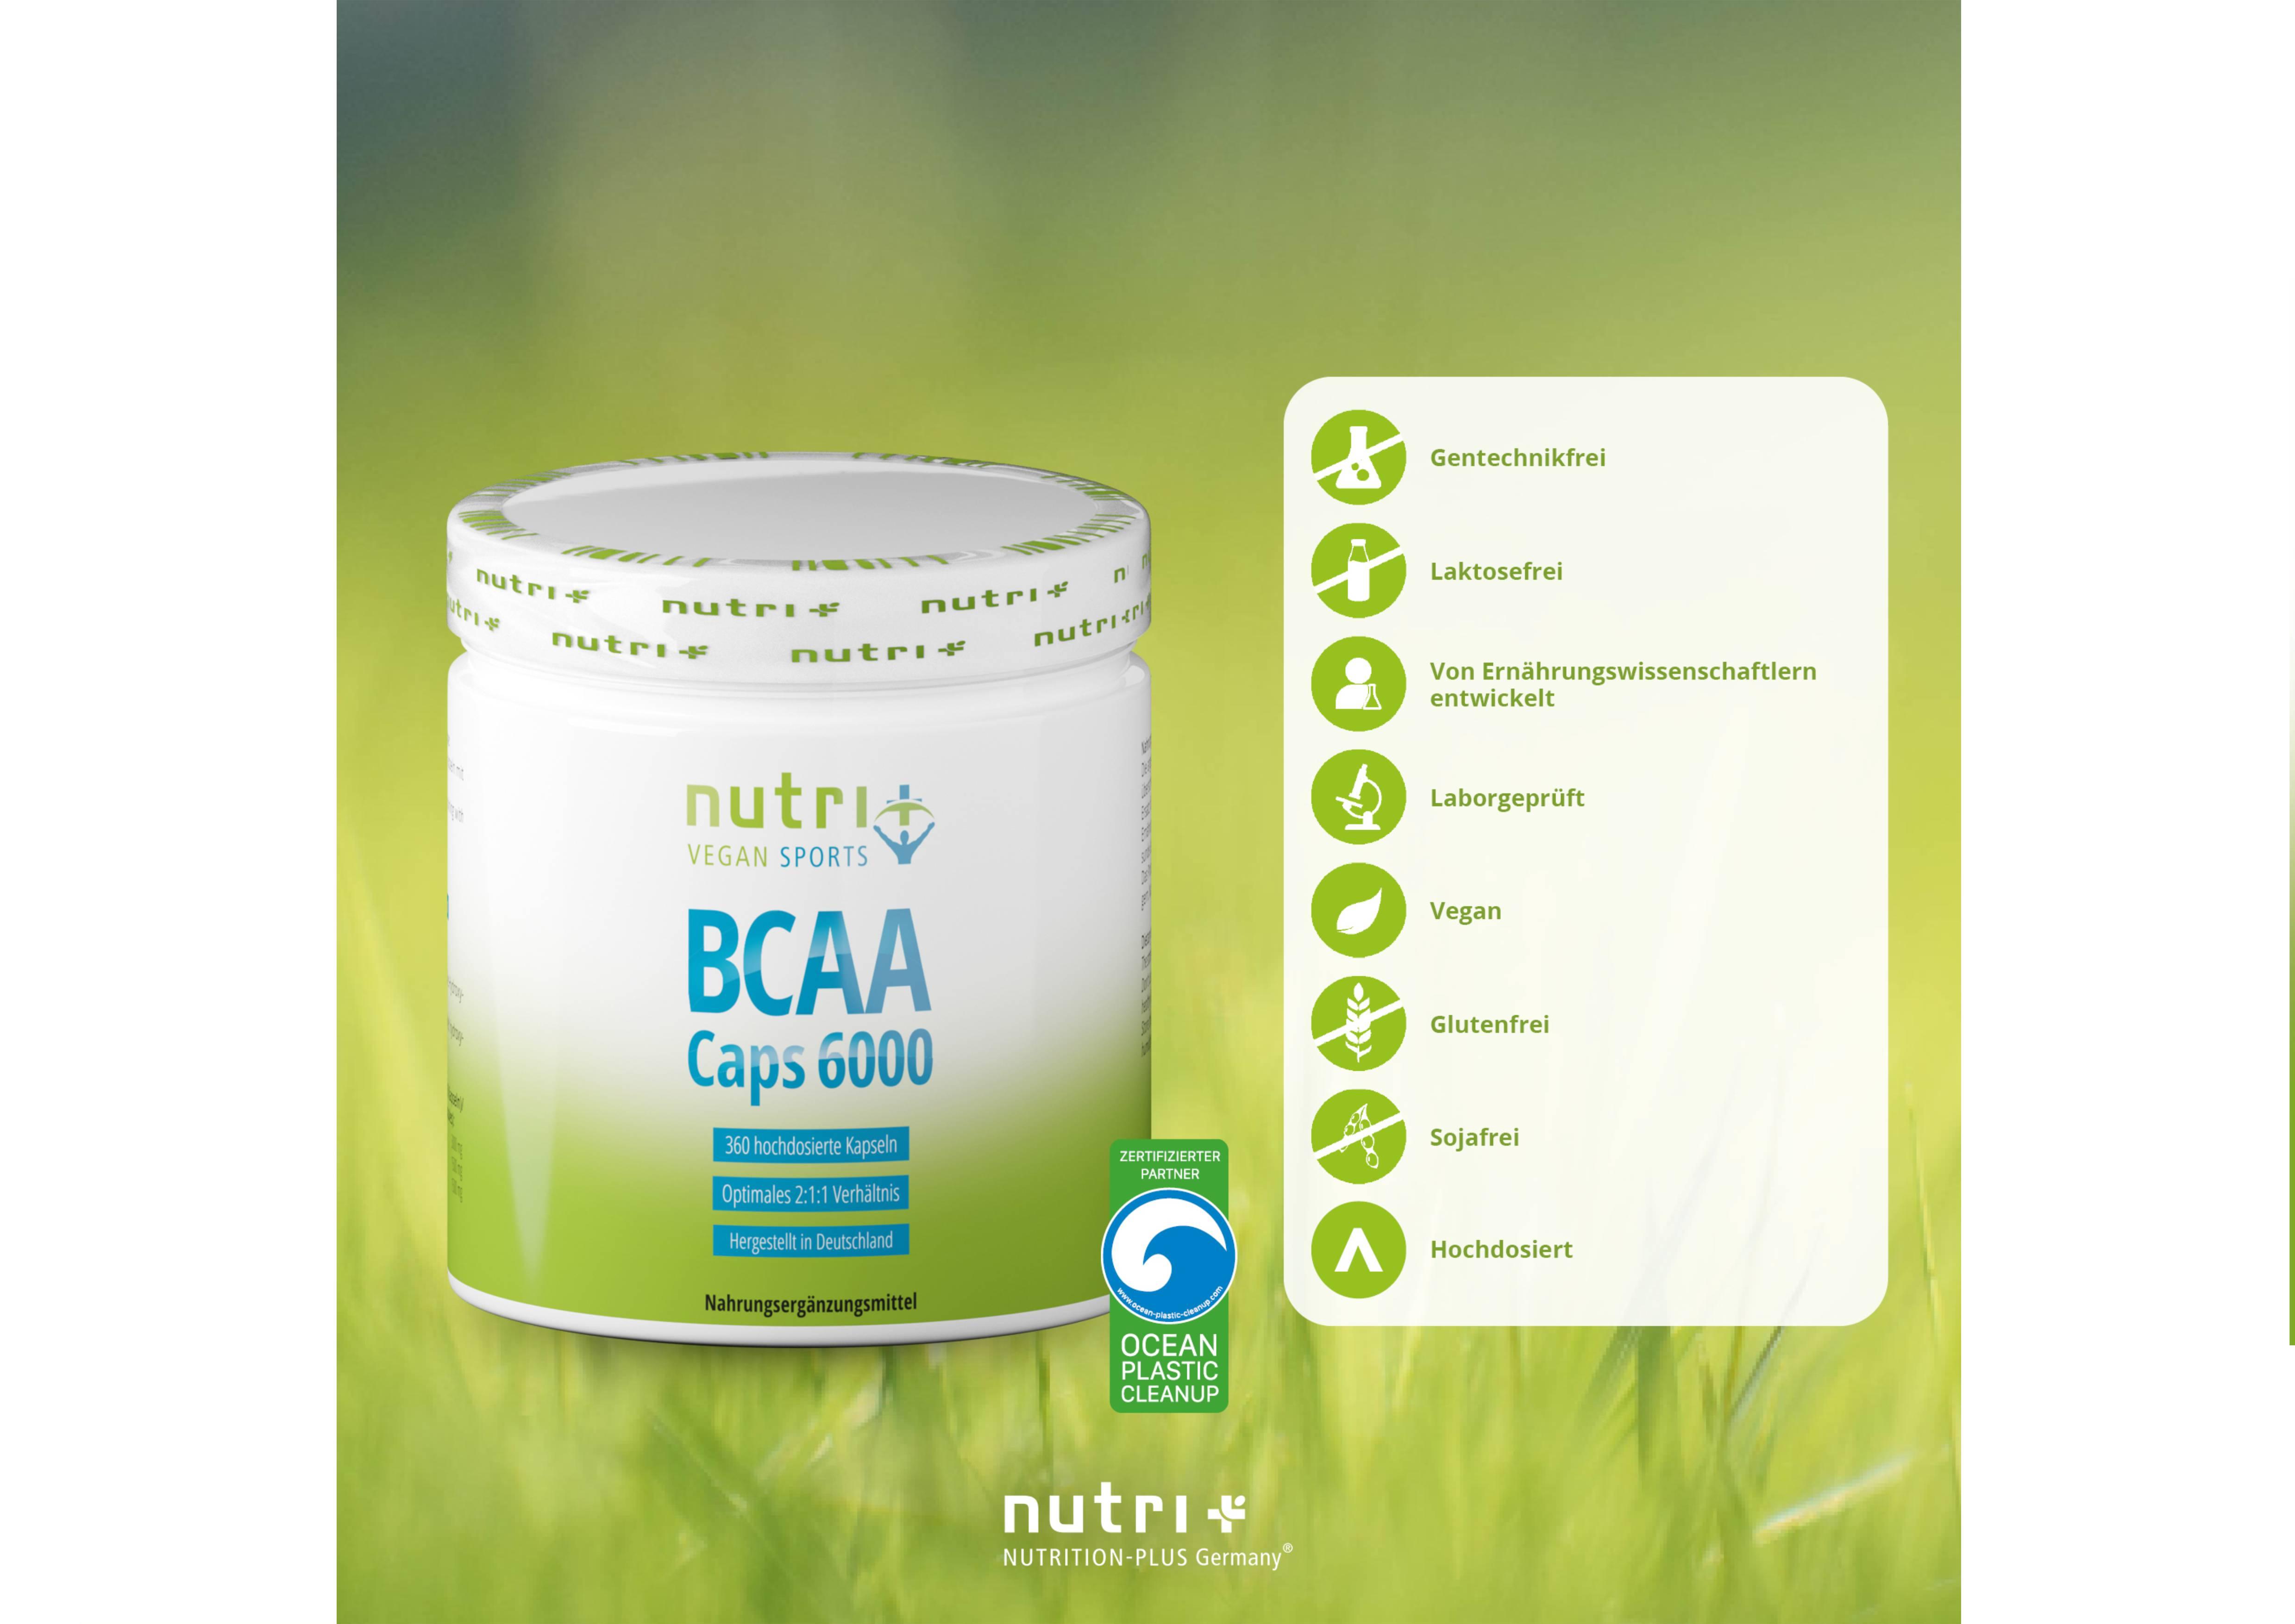 nutri+ BCAA Kapseln 2:1:1 Vegan